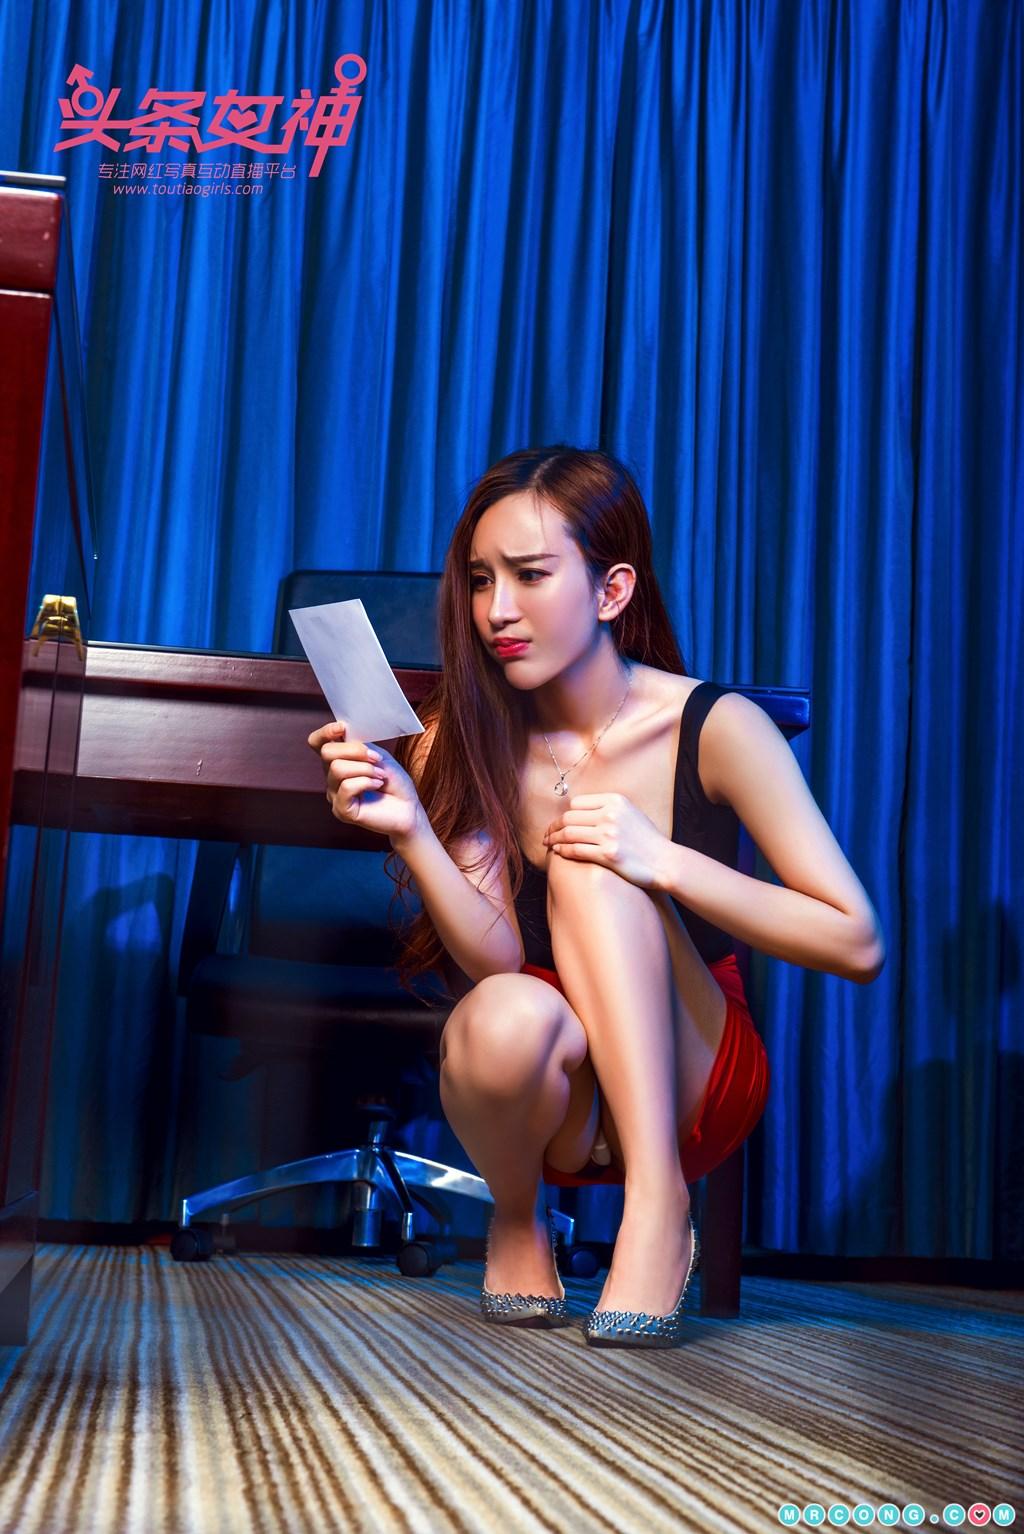 Image TouTiao-2017-12-16-Ai-Xiao-Qing-MrCong.com-009 in post TouTiao 2017-12-16: Người mẫu Ai Xiao Qing (艾小青) (32 ảnh)